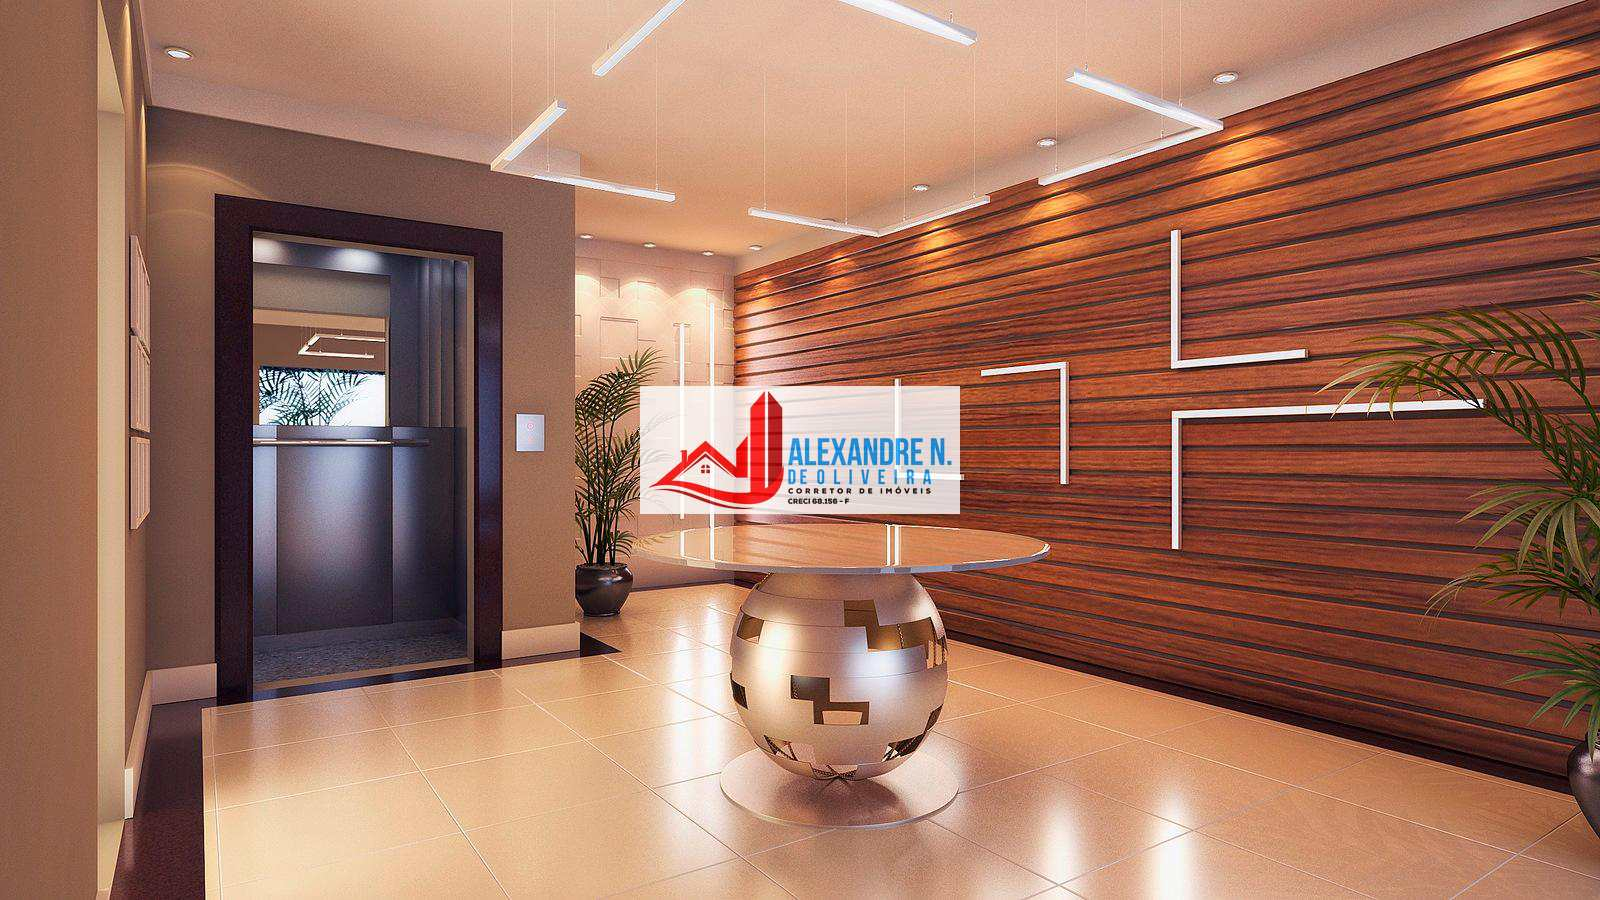 Apto 2 dorms, Ocian, Praia Grande, R$ 295 mil, AP00592